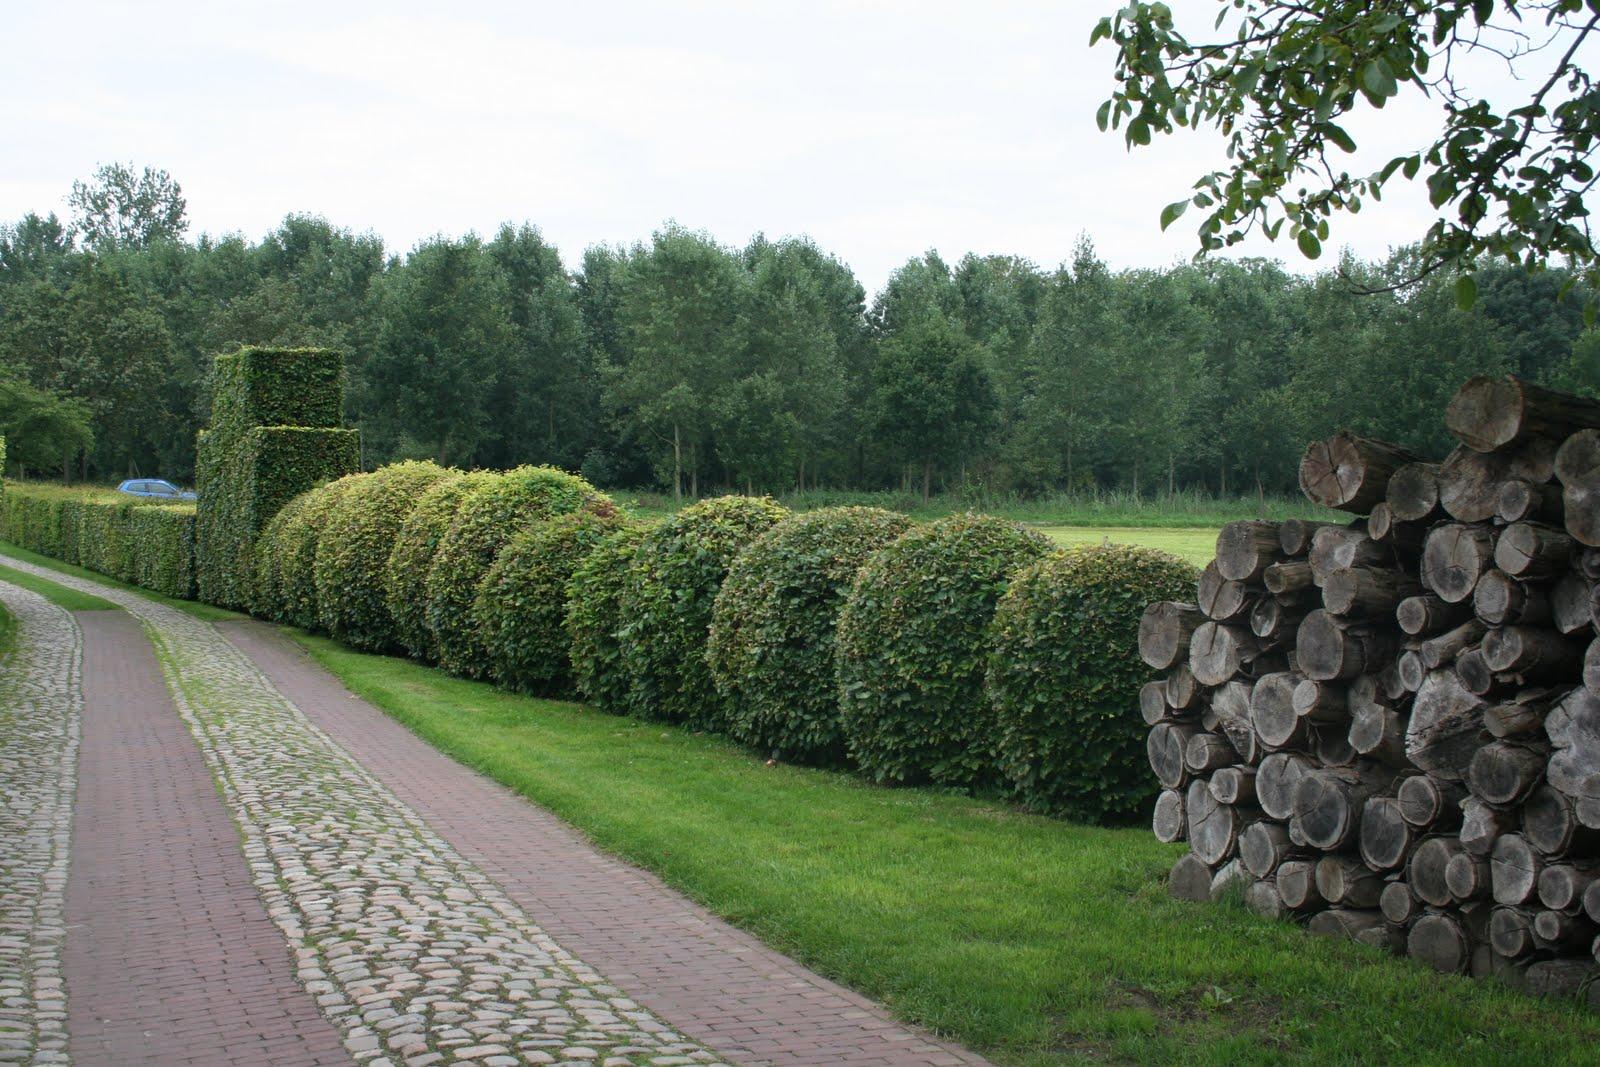 Suingiardino gardens in life: gennaio 2011